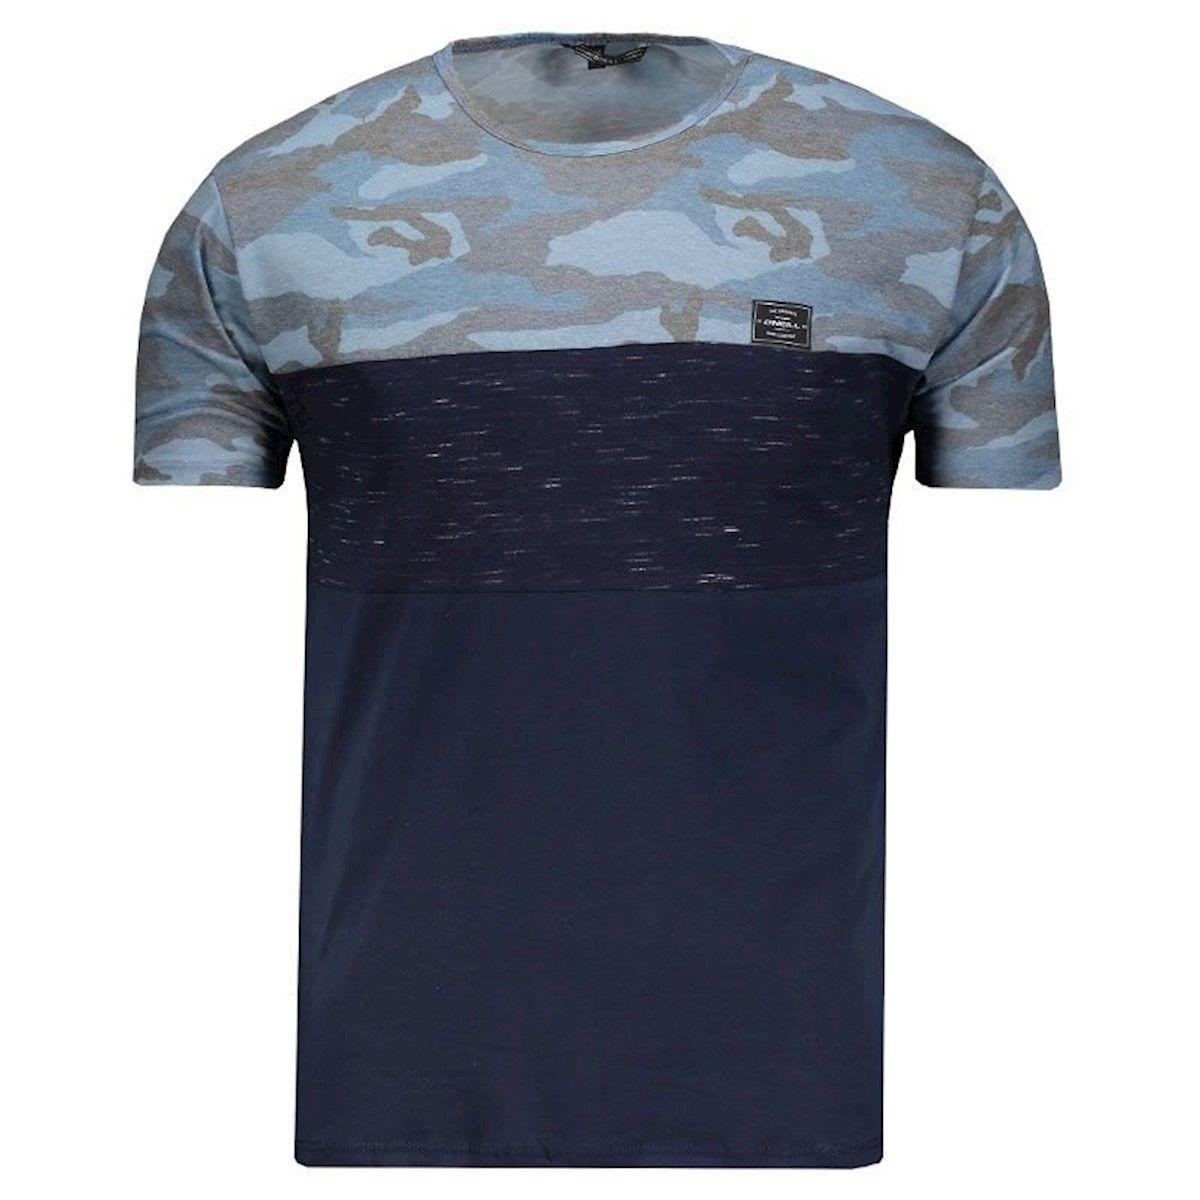 Camiseta O'Neill  Especial Yardage Blue